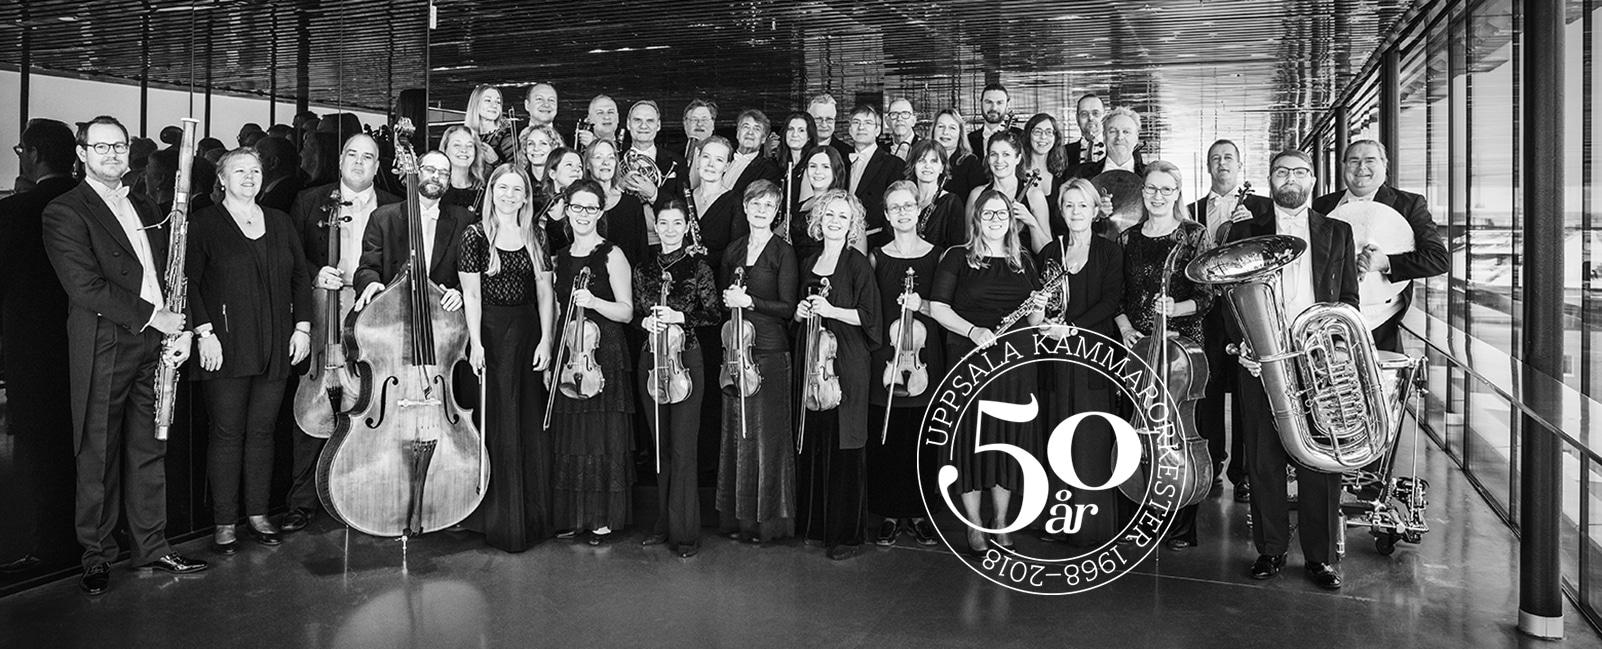 Uppsala Kammarorkester 50 års jubileum